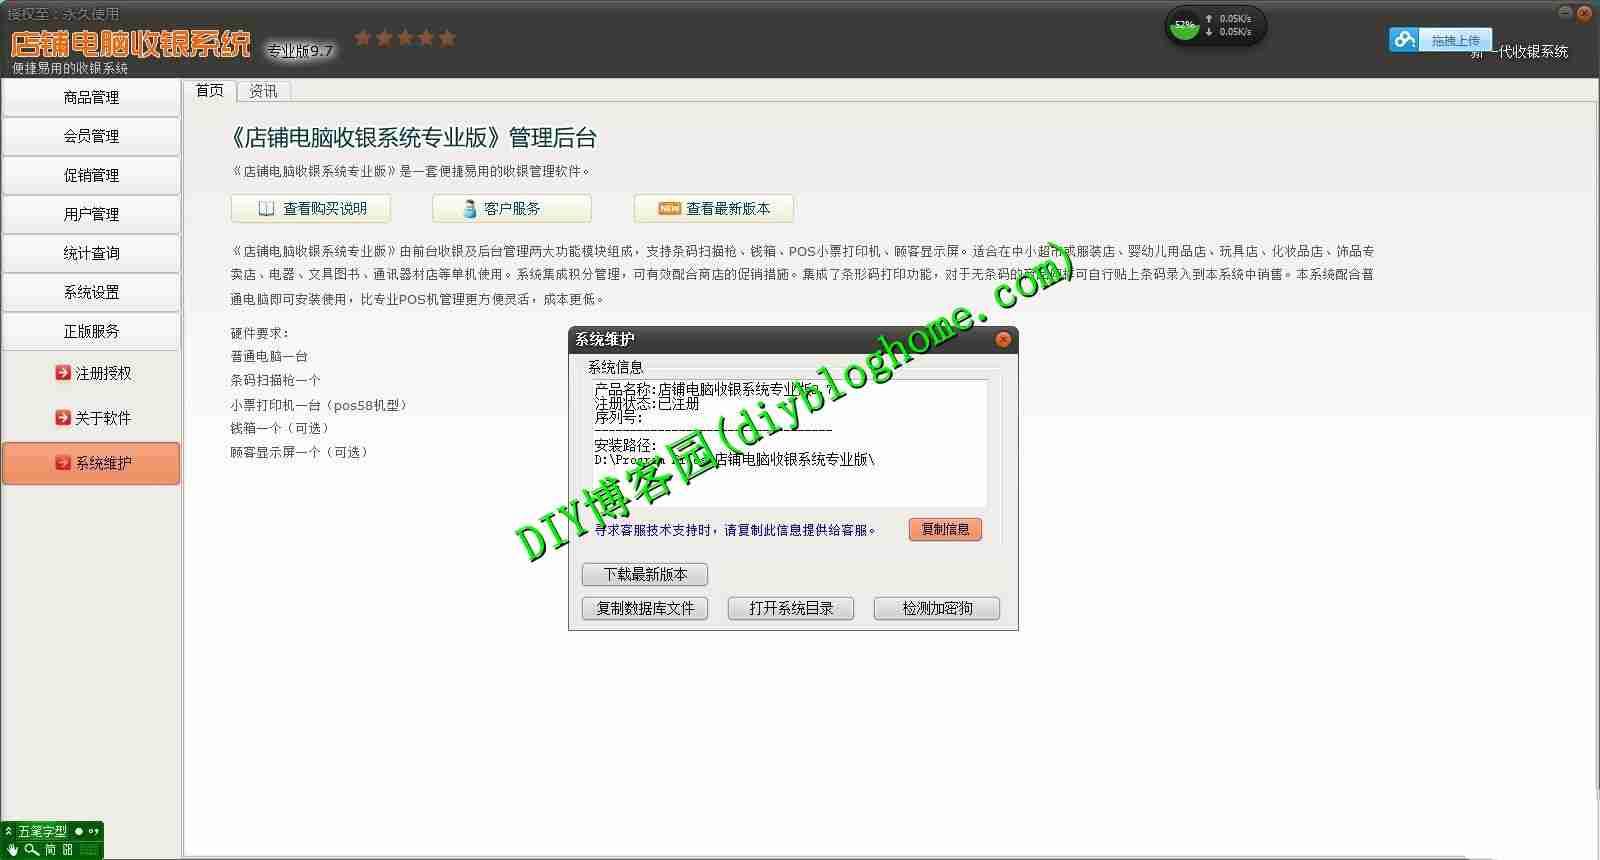 店铺电脑收银系统v11专业已注册版